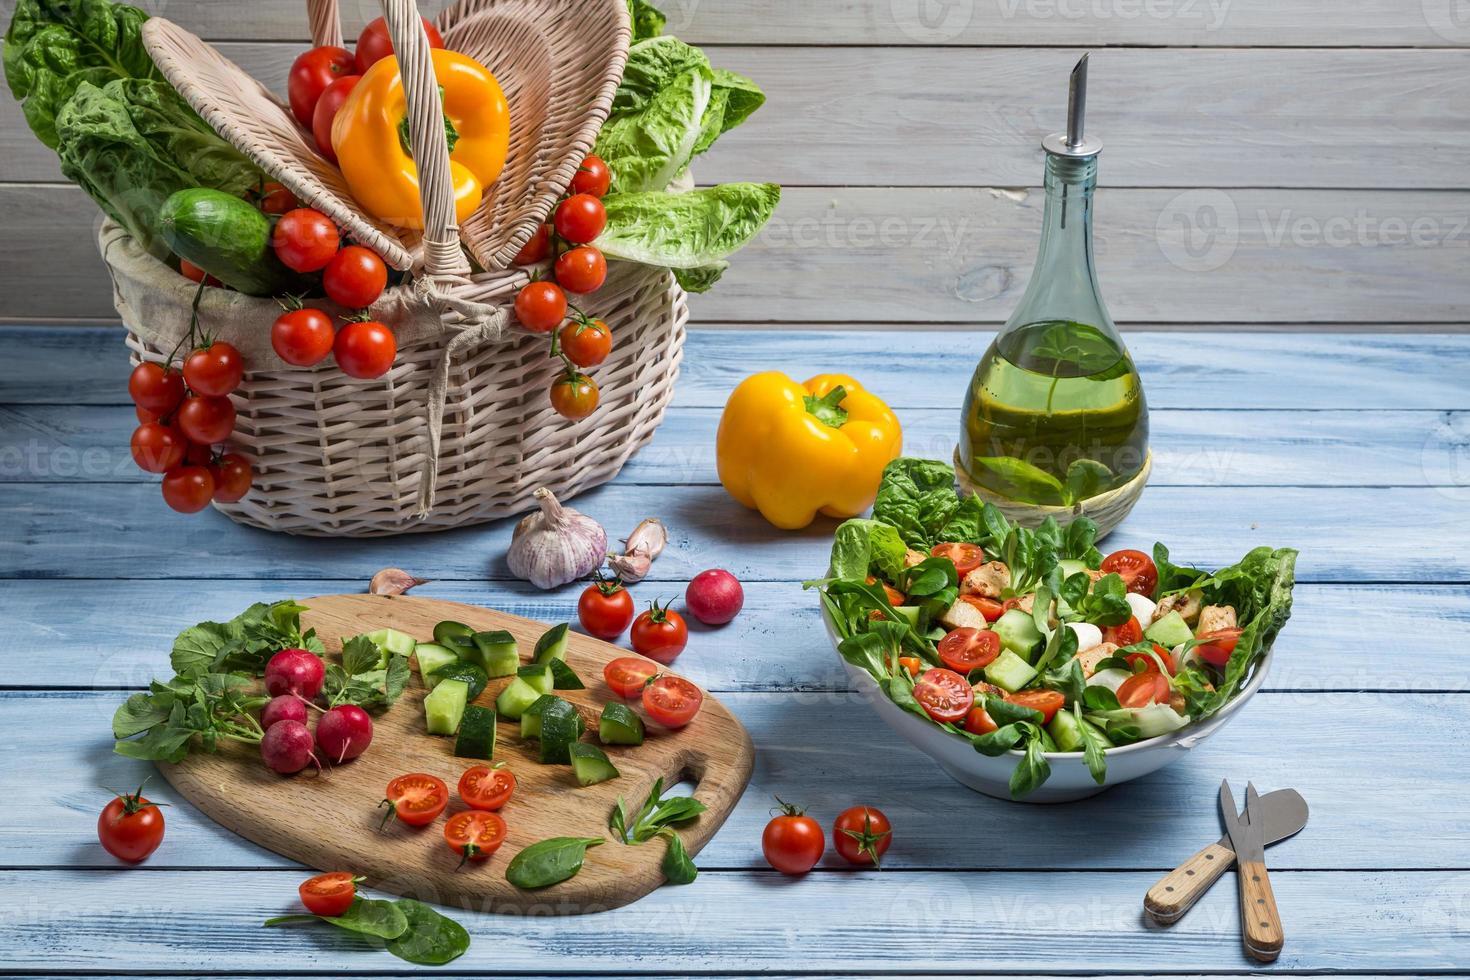 ensalada saludable hecha con vegetales frescos foto